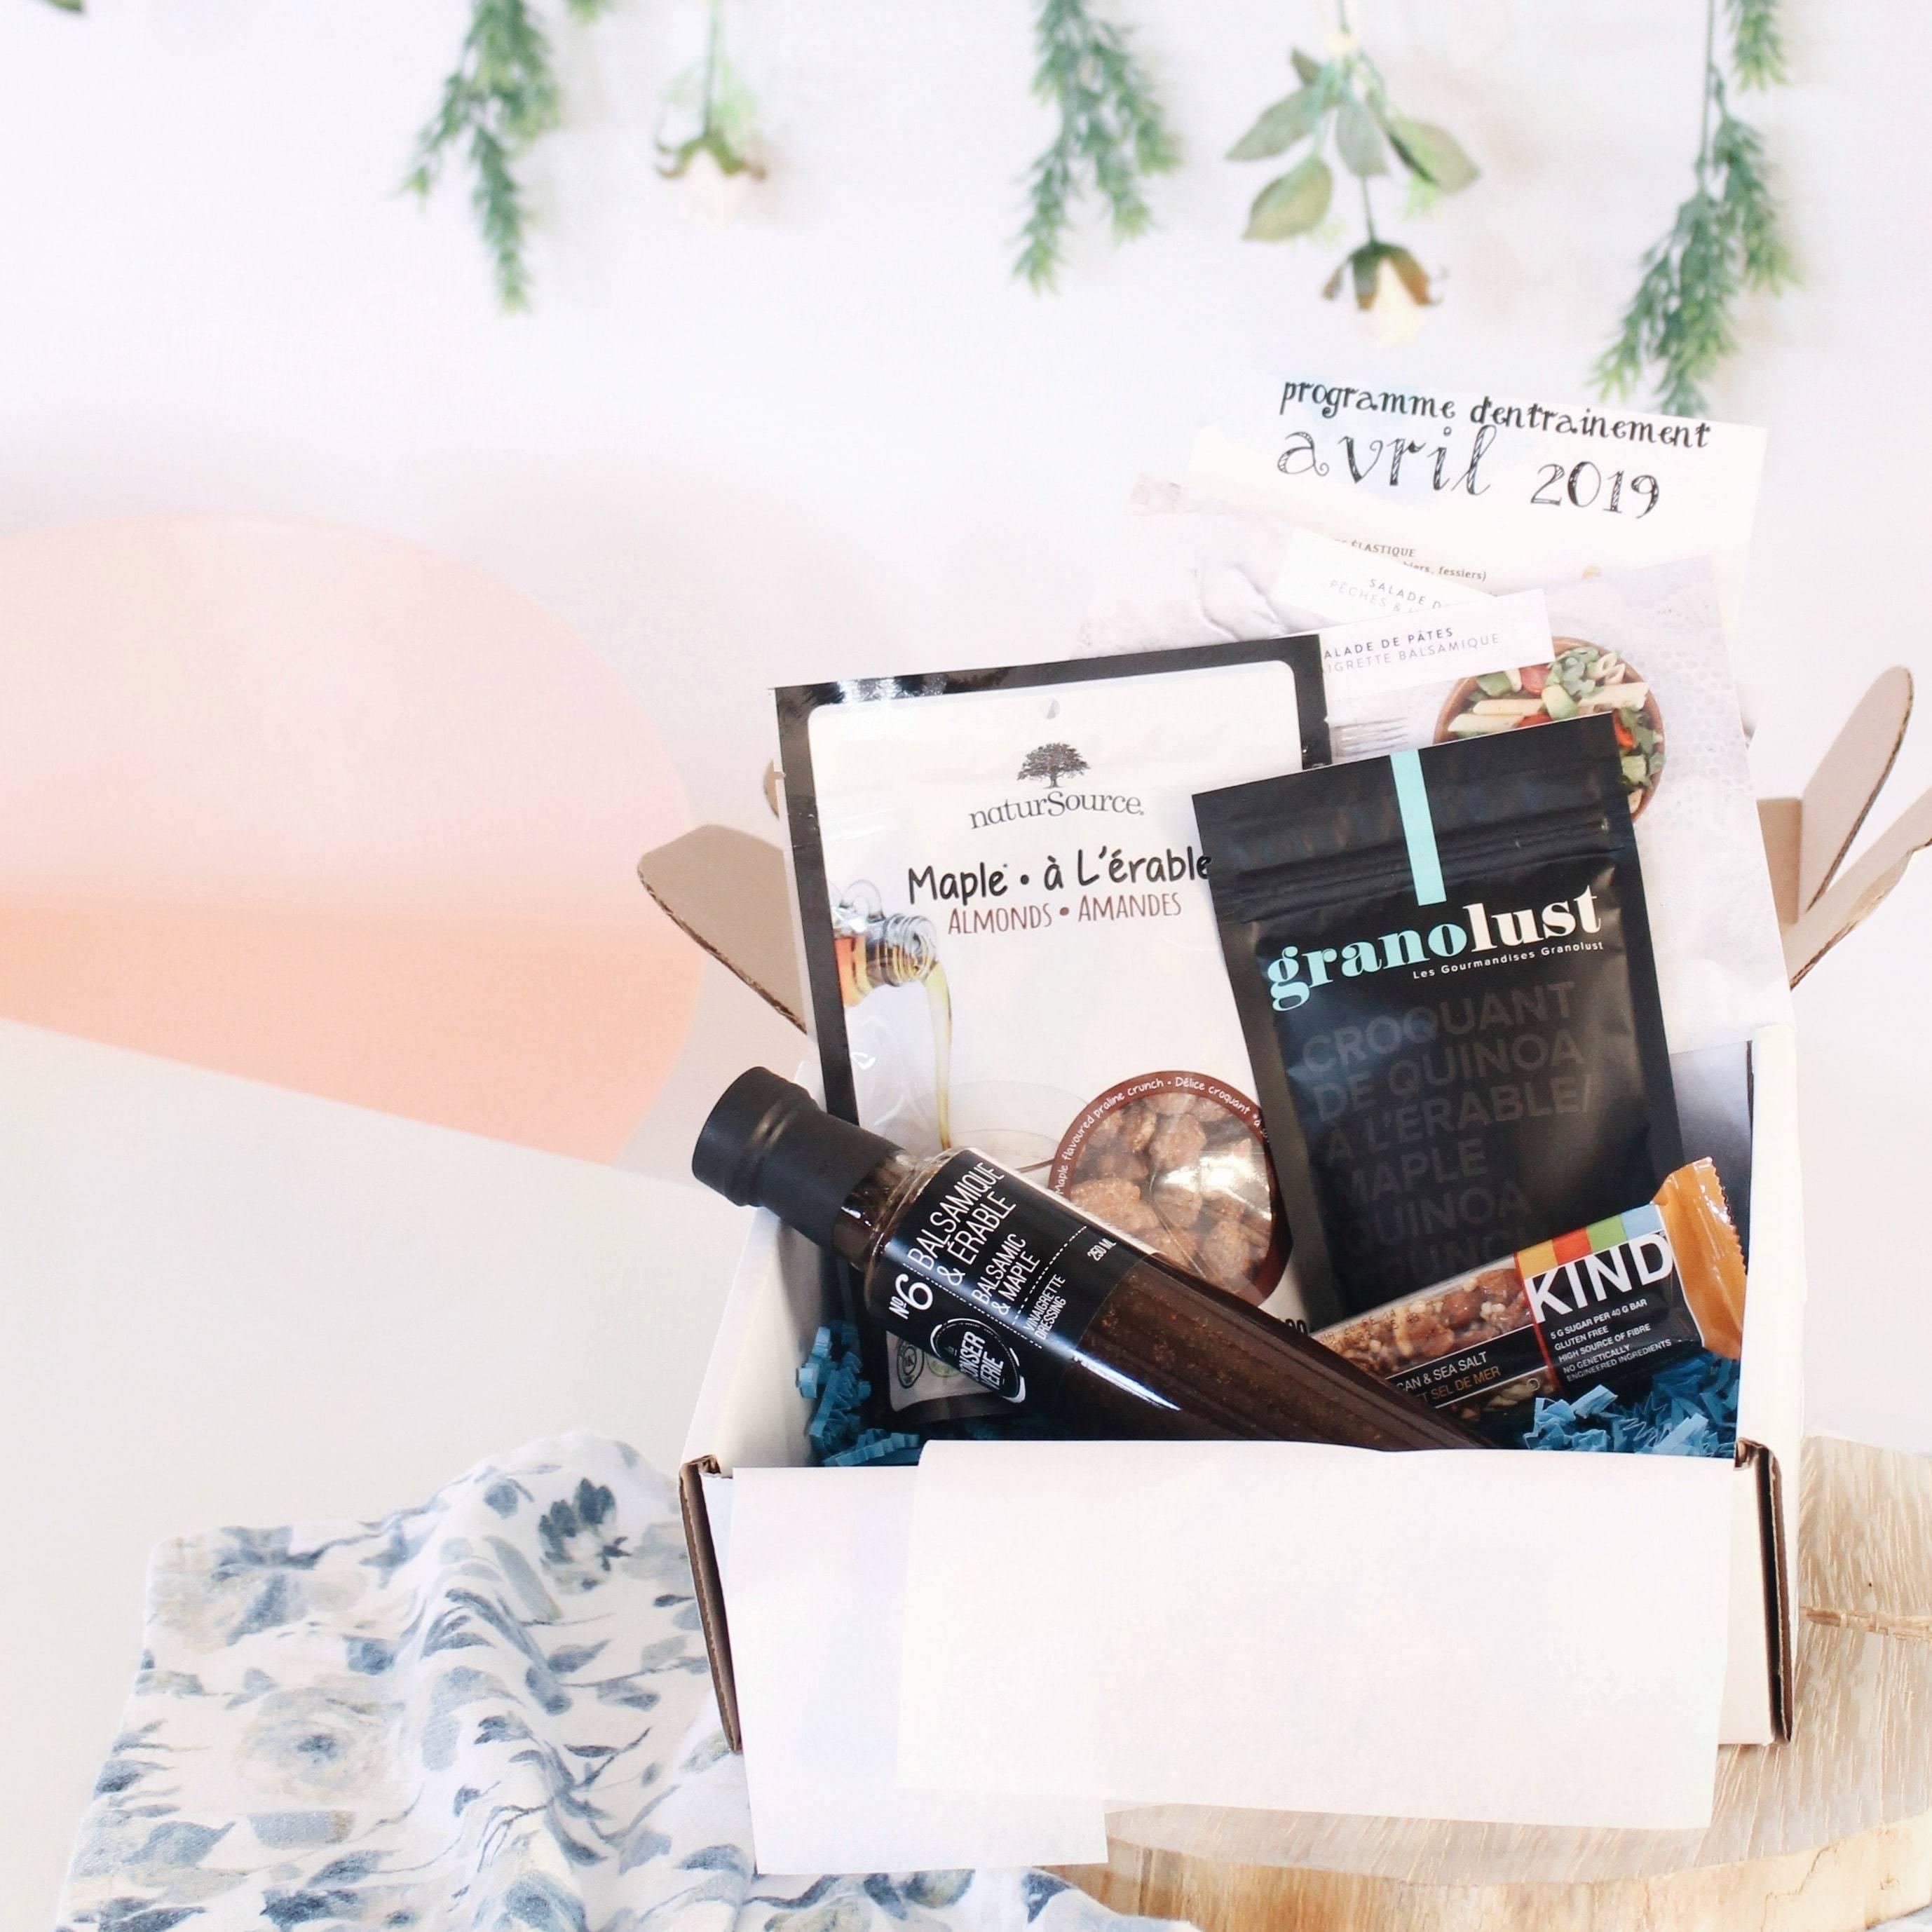 moidabord boite mensuelle santé box nourriture québécoise Québec Canada femme moi d'abord little life box la petite boite à vie